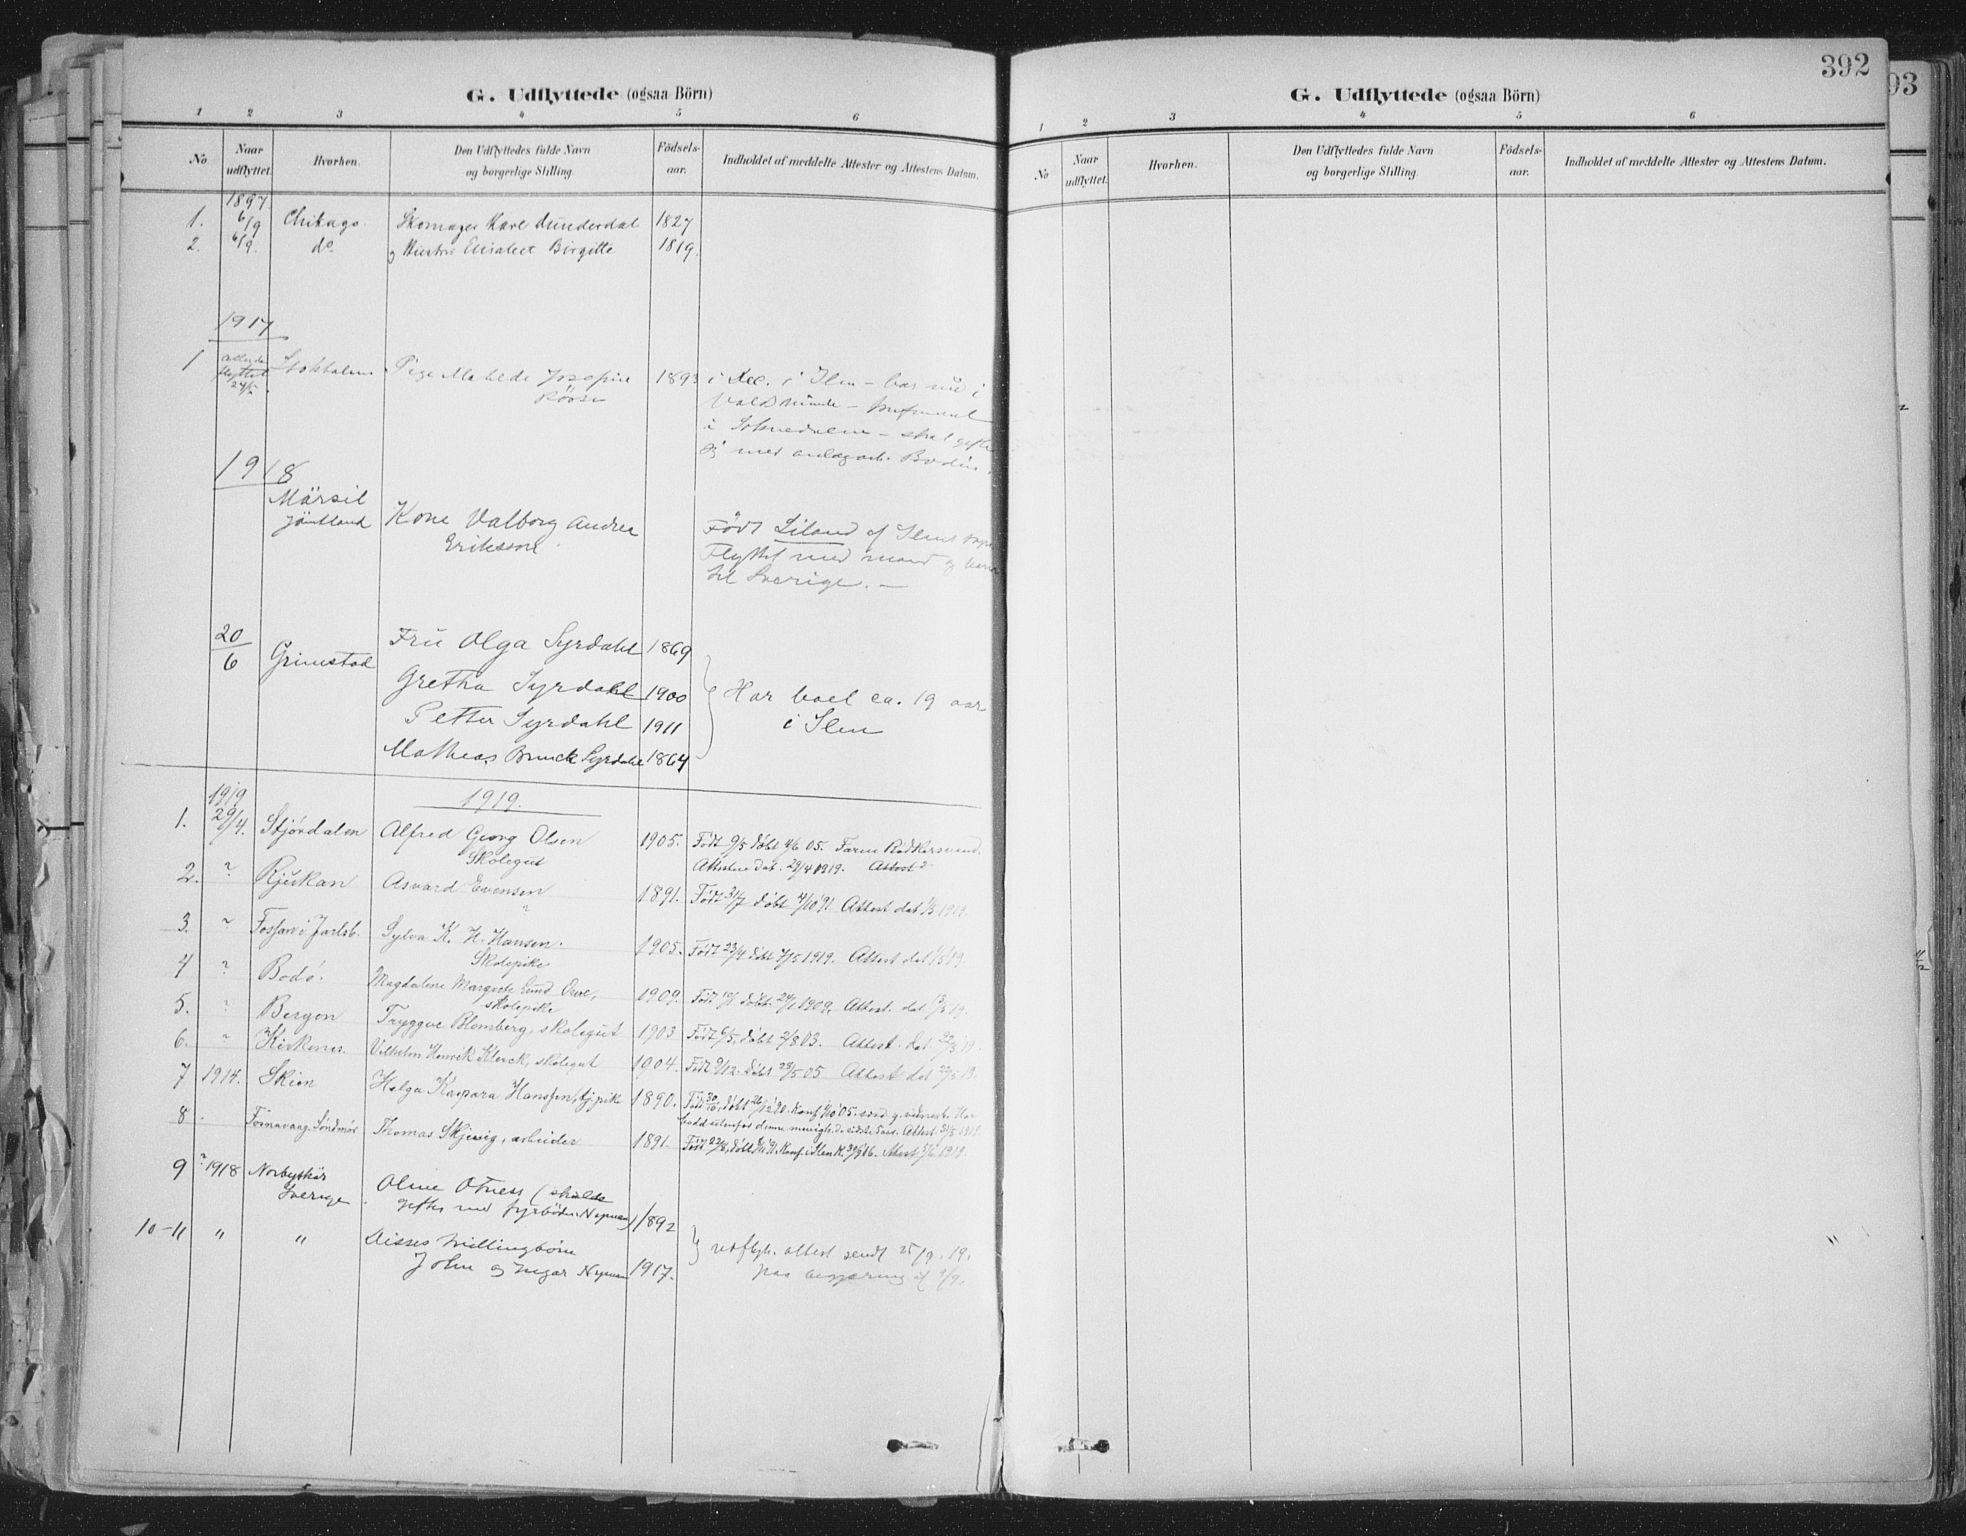 SAT, Ministerialprotokoller, klokkerbøker og fødselsregistre - Sør-Trøndelag, 603/L0167: Ministerialbok nr. 603A06, 1896-1932, s. 392